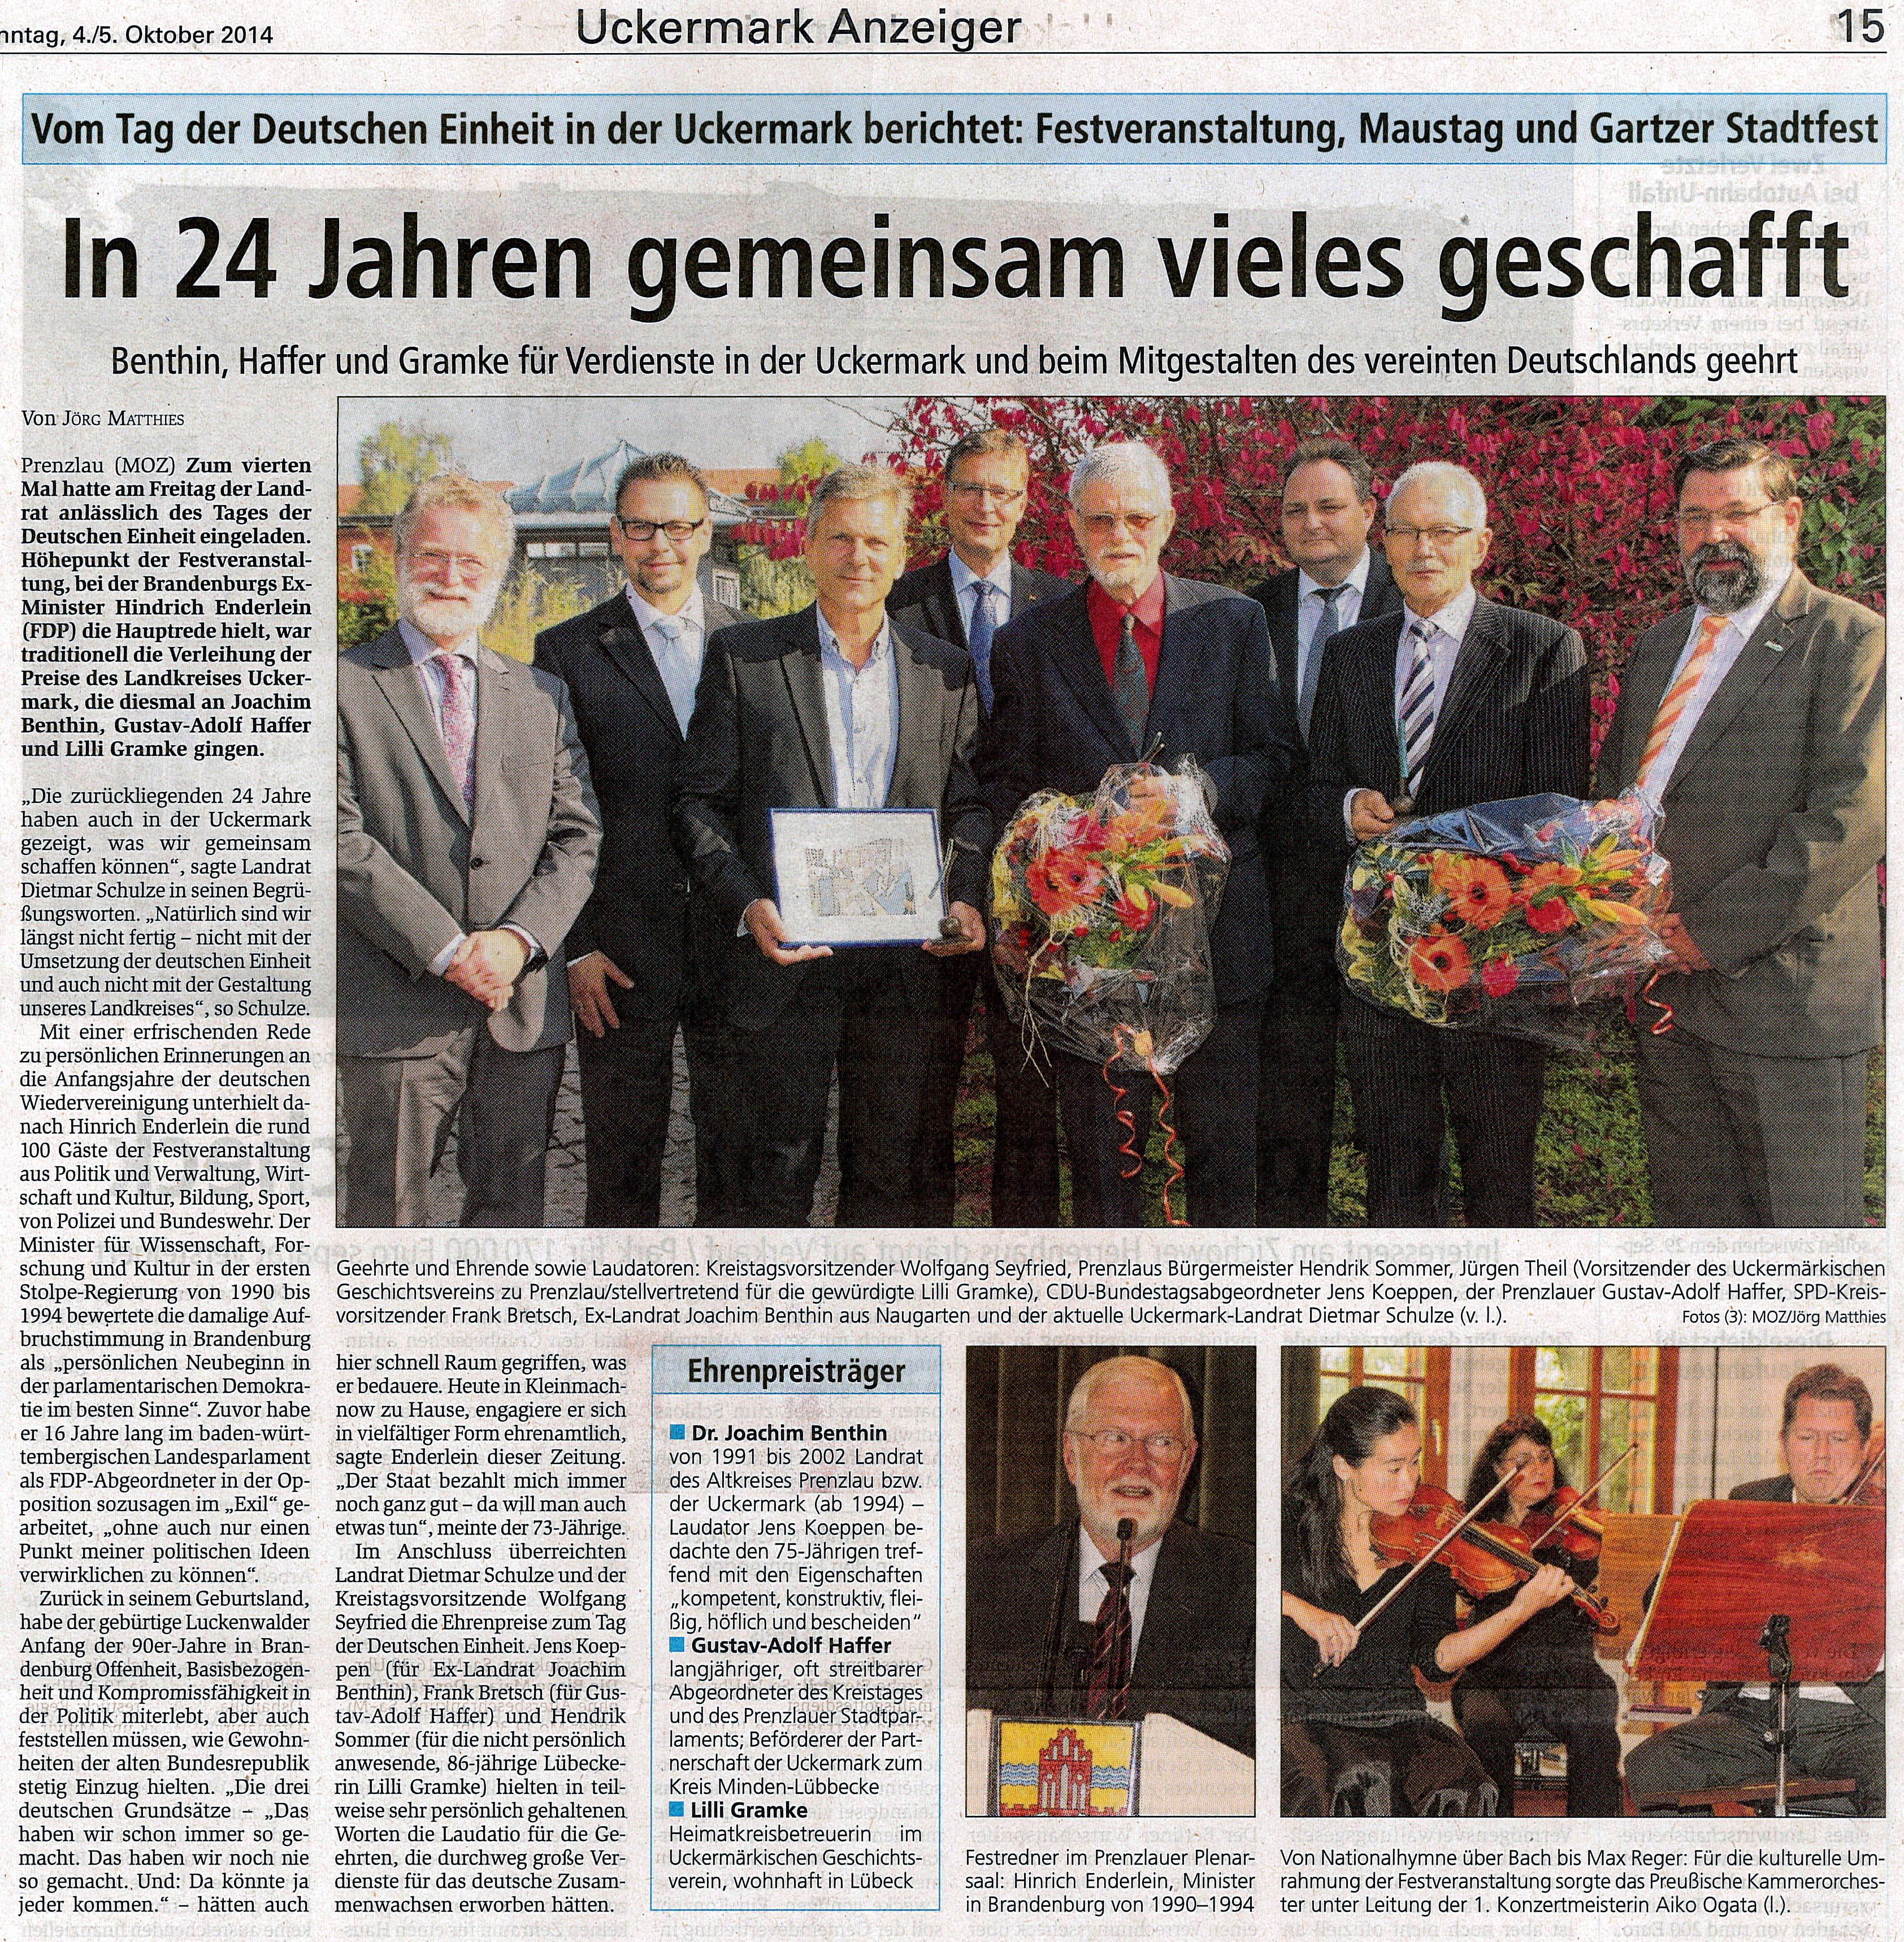 Artikel aus: Rodinger, Stadtanzeiger für Prenzlau und Ortsteile (vom 10.10.2014)